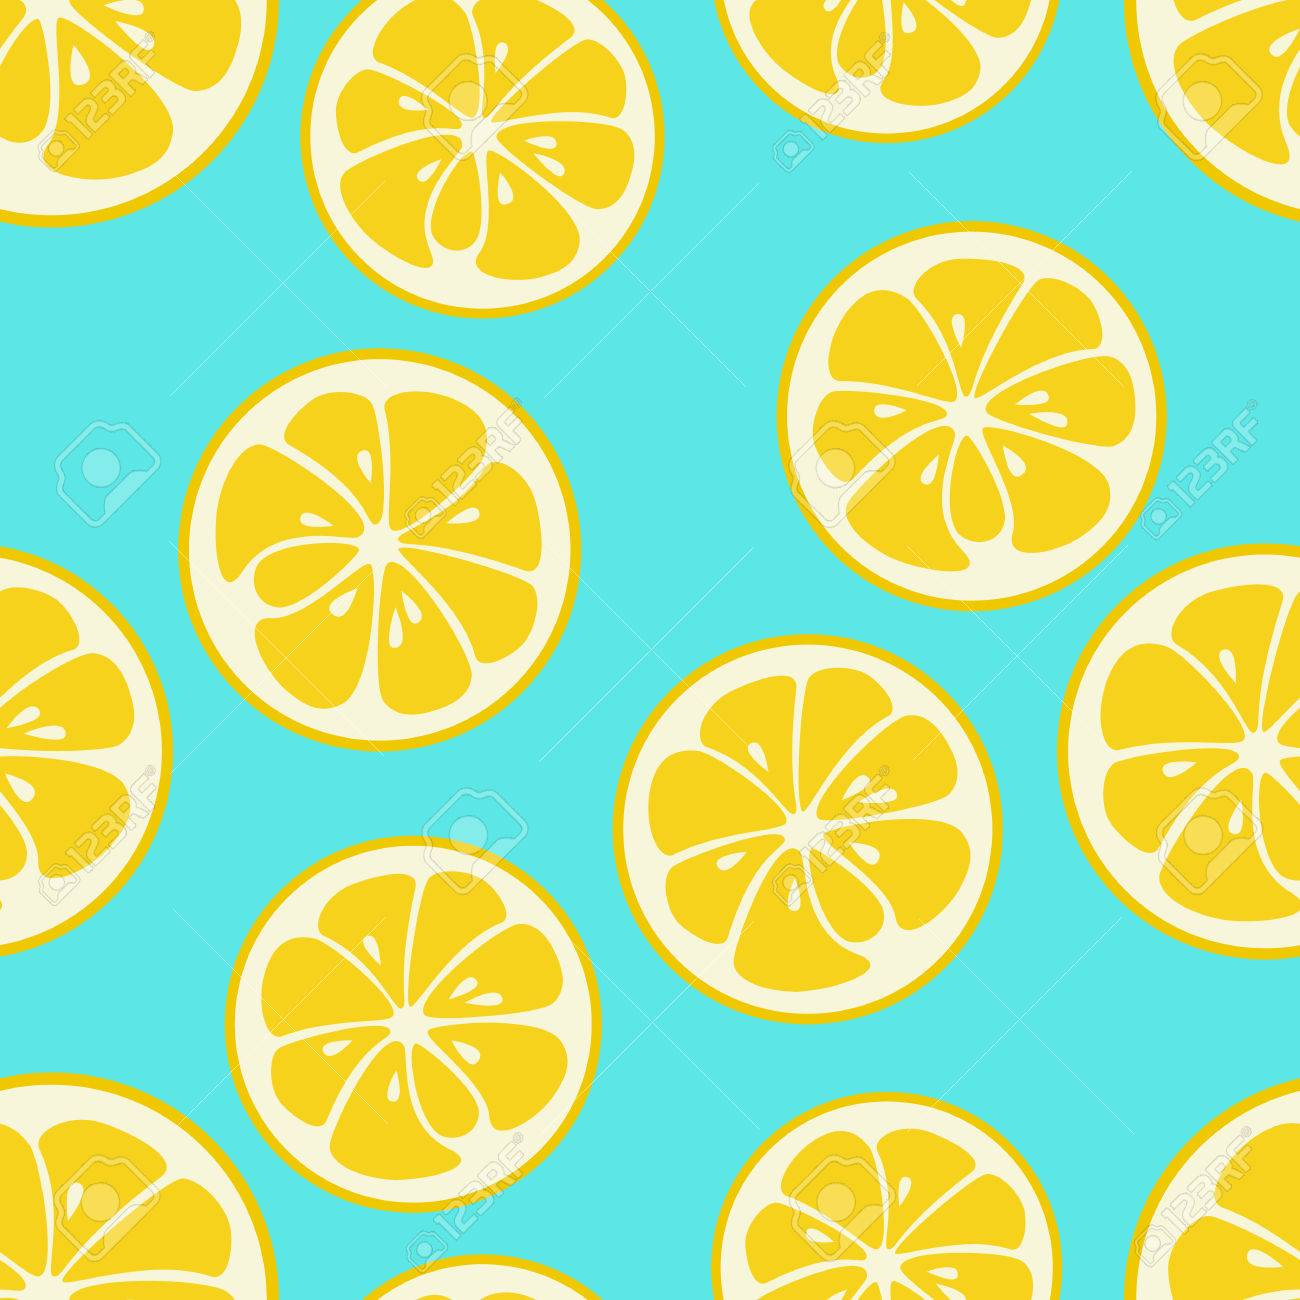 黄色のレモン スライスでかわいいシームレス パターン おいしい夏の背景 おいしいトロピカル フルーツ無限テクスチャです 壁紙 バナー ポスターに使用できます おいしい健康的な果物 ベクトル図のイラスト素材 ベクタ Image